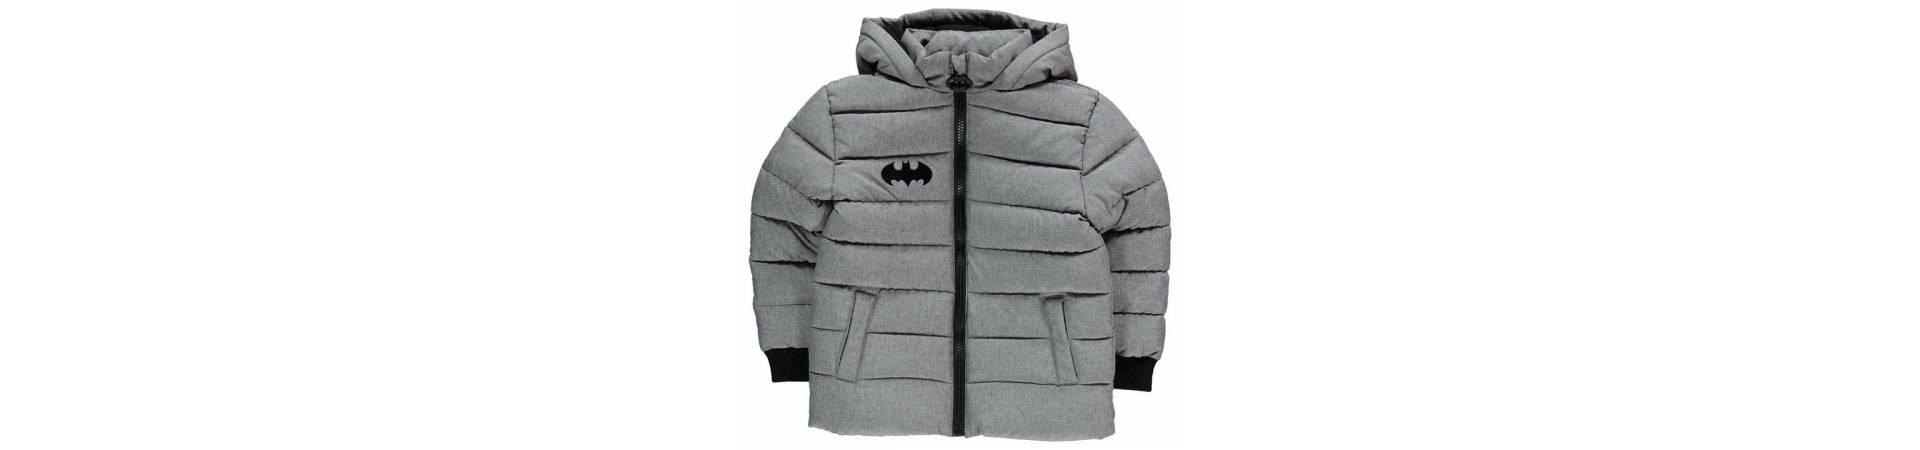 Batman Kabát